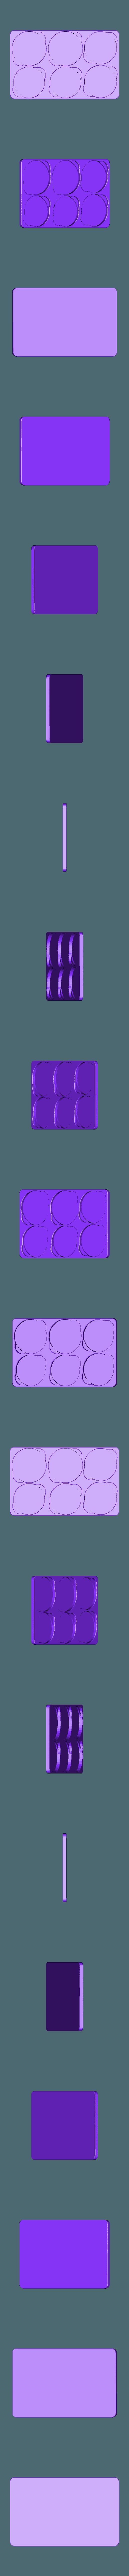 coin_holder.stl Télécharger fichier STL gratuit Porte-monnaie euro pour porte-monnaie • Objet pour imprimante 3D, medmakes